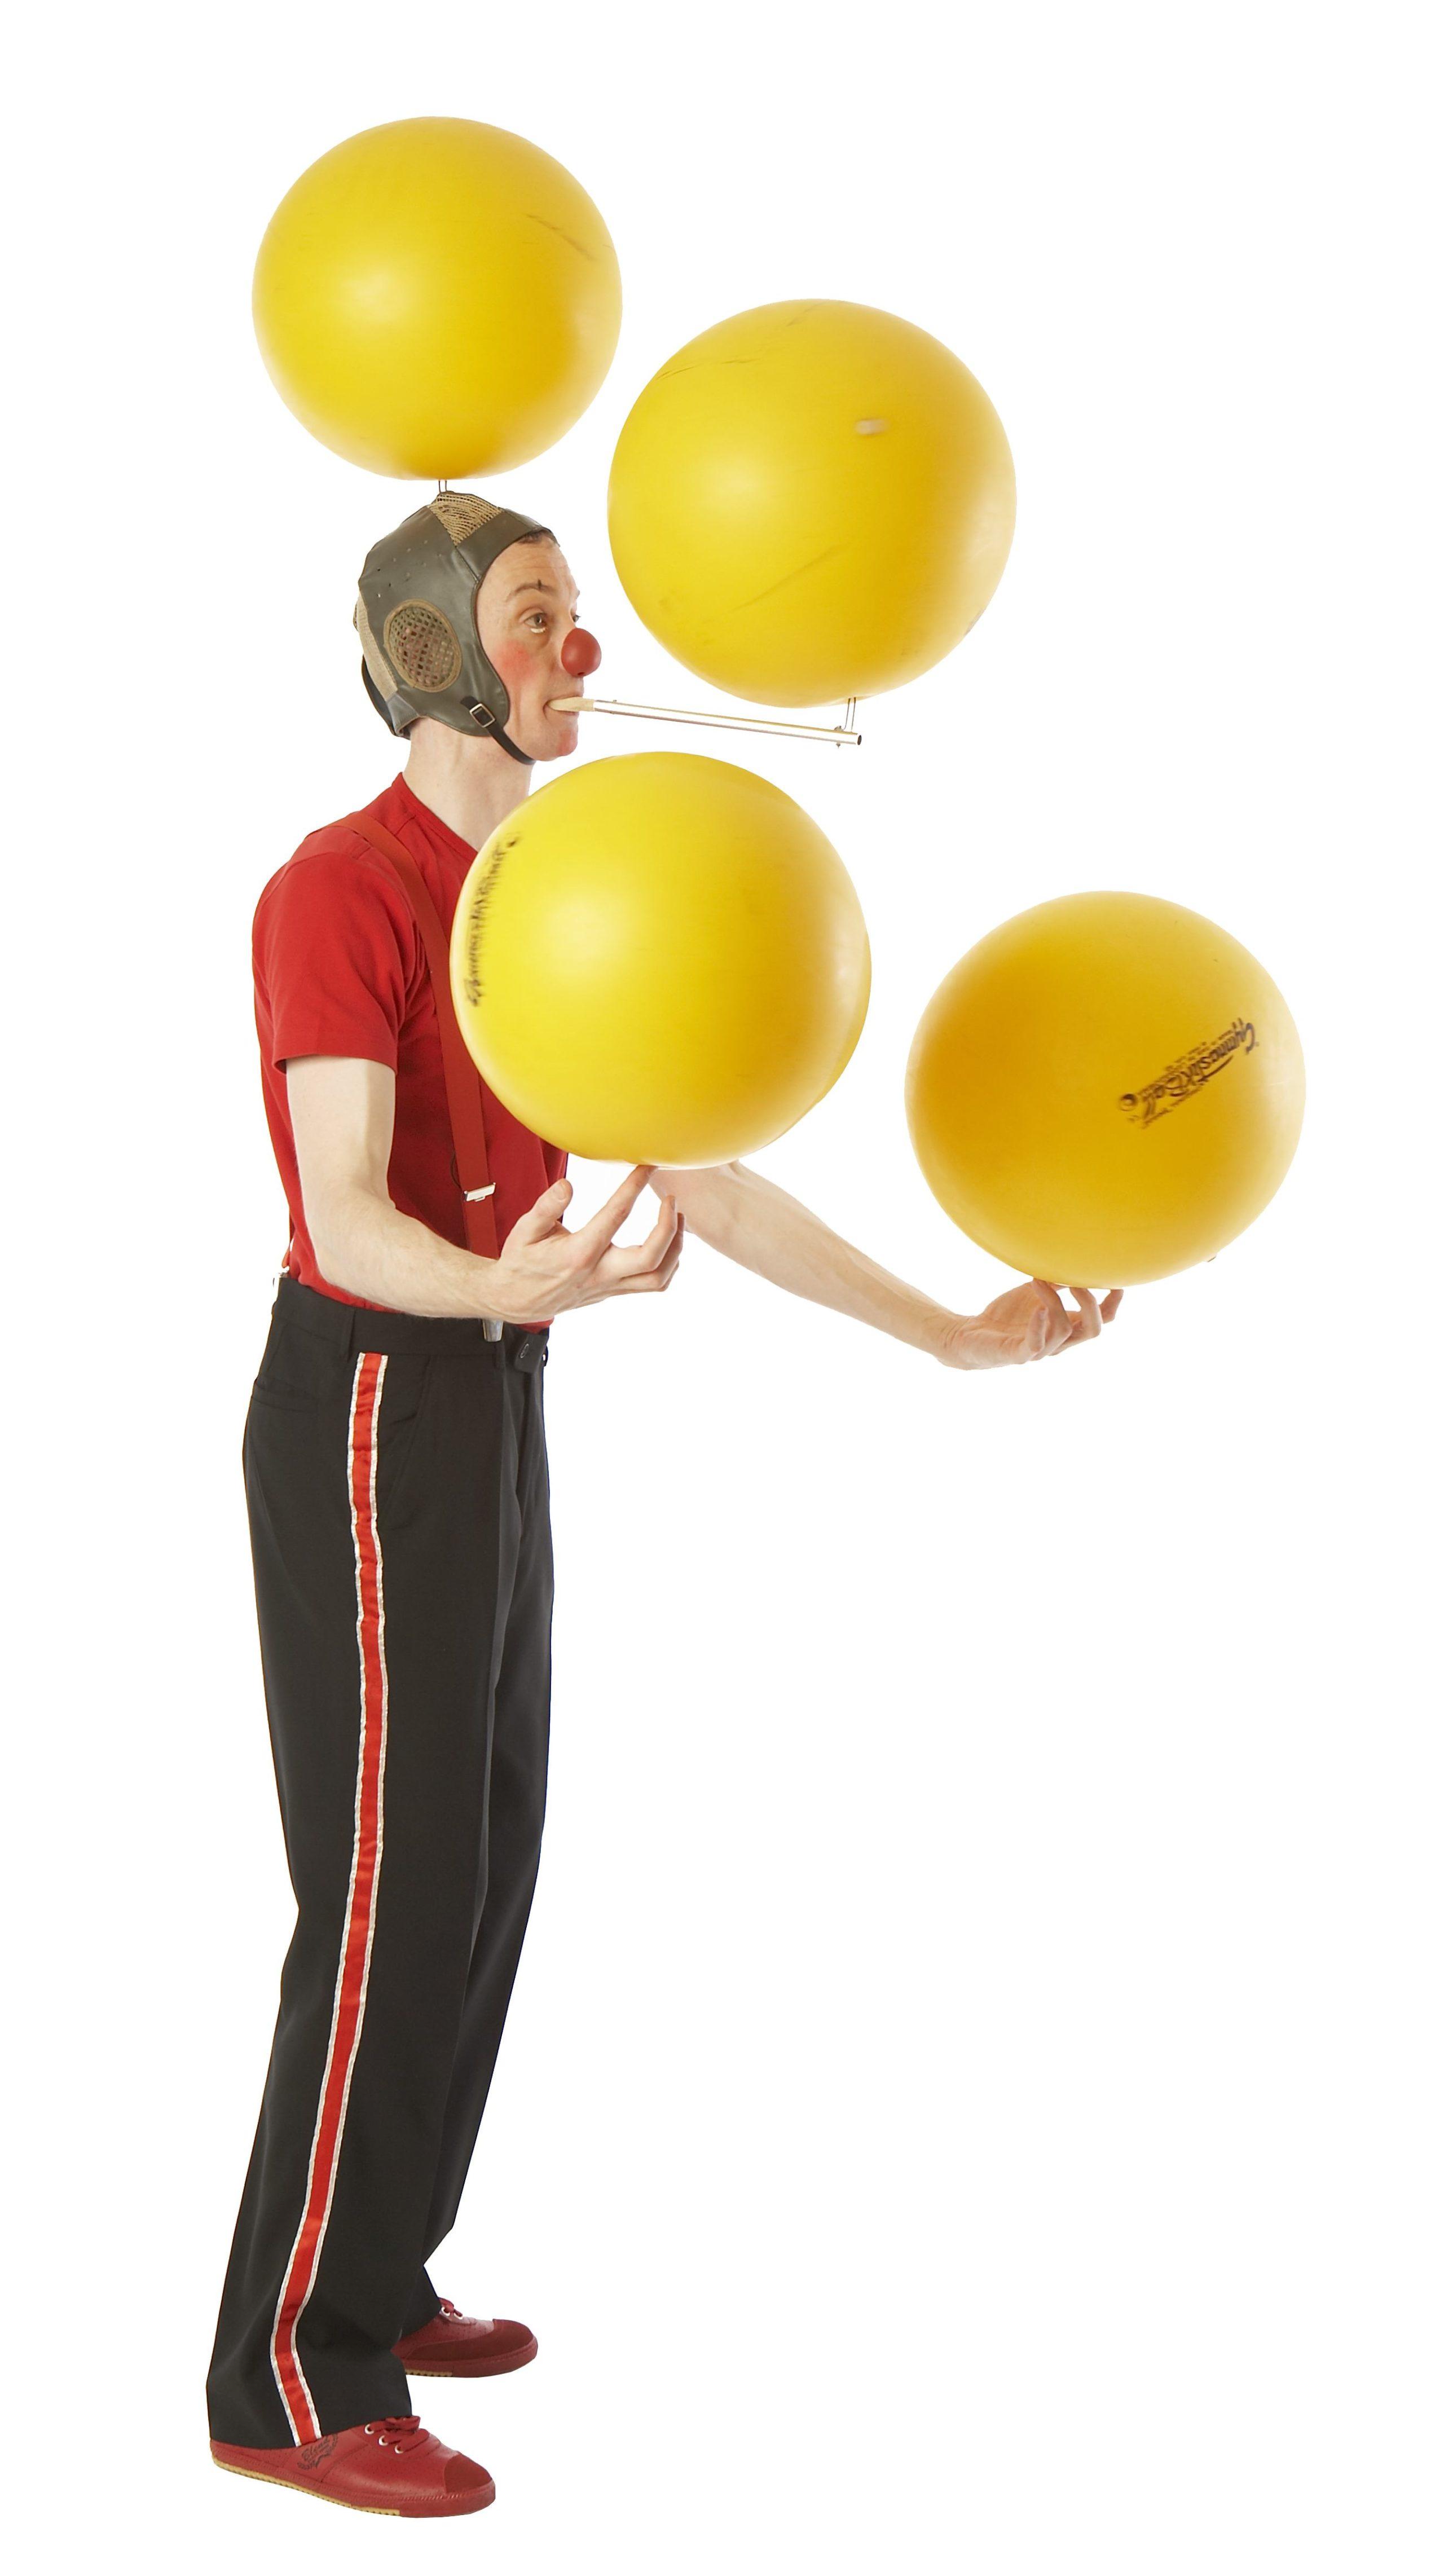 Klovnen Tapé balancerer fire bolde